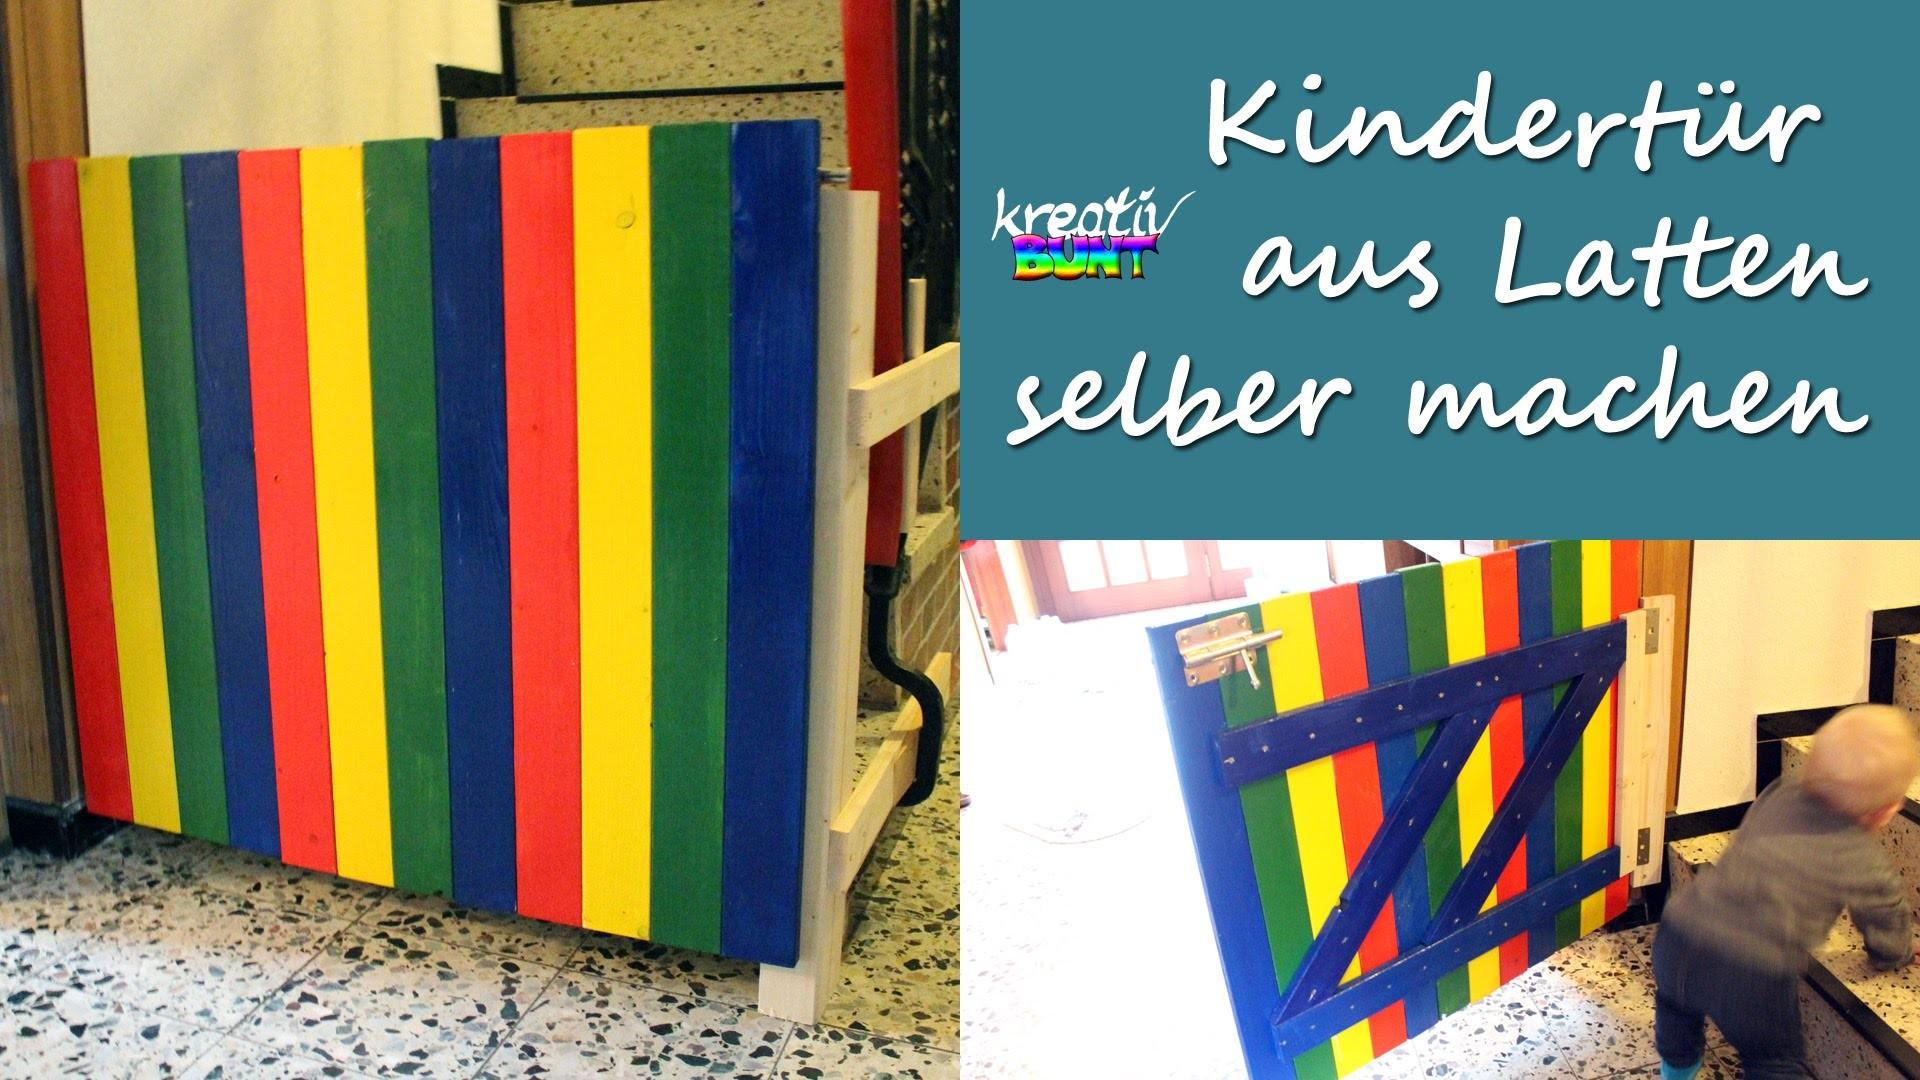 DIY Handwerken Holz: Kindertür zum Treppenschutz aus Holzlatten selber machen | kreativBUNT